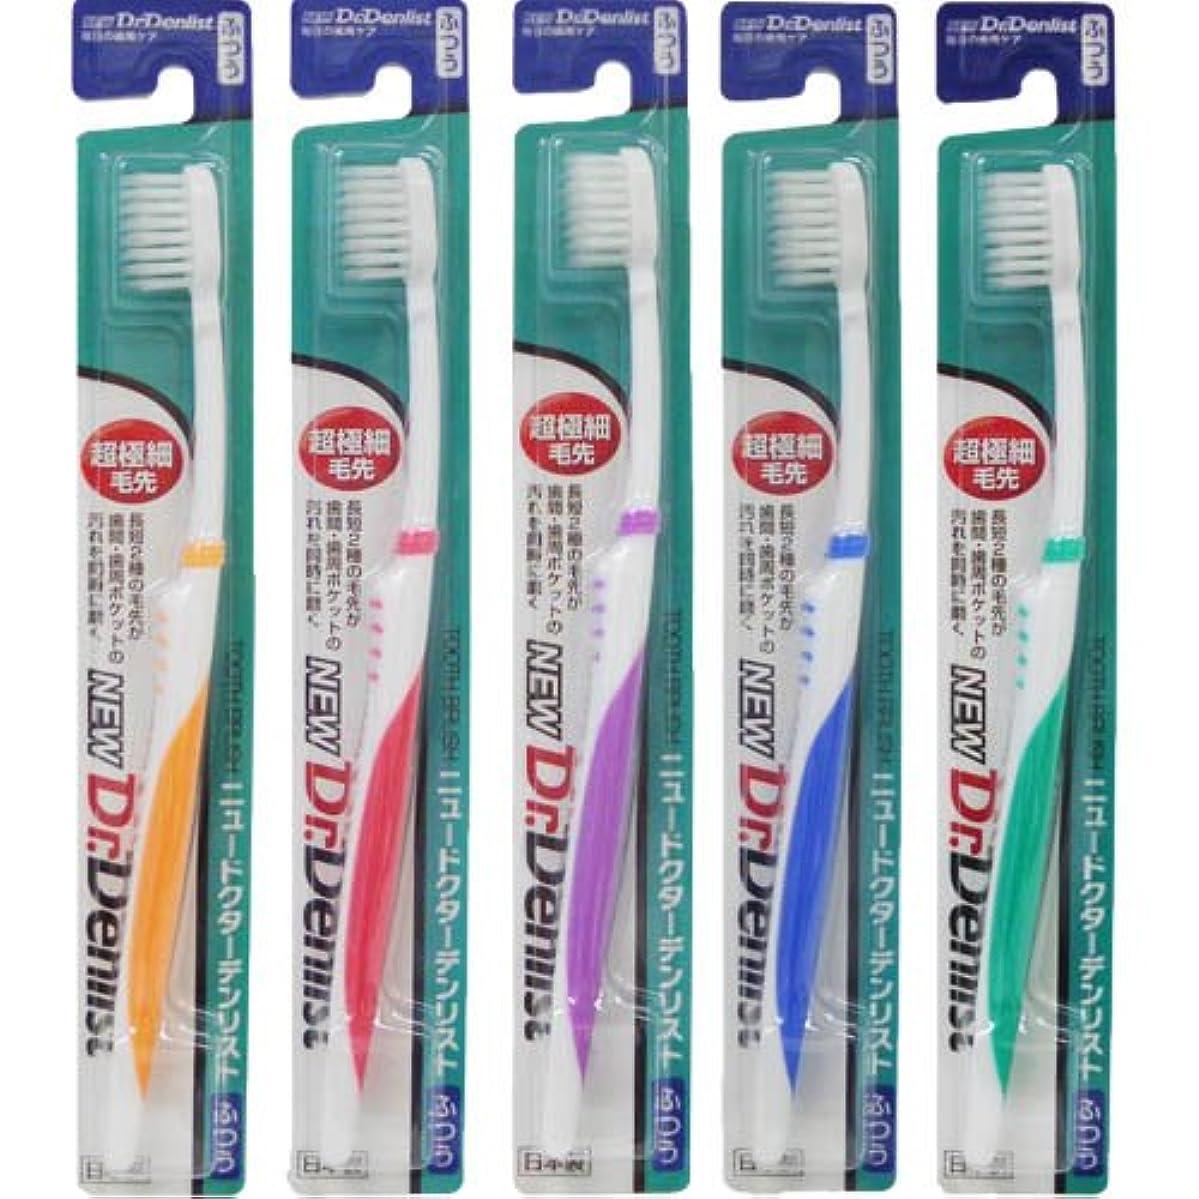 好き排泄物冷ややかなNew Dr.Denlist 歯ブラシ 超極細毛先 ふつう 12本セット(クリエイト)